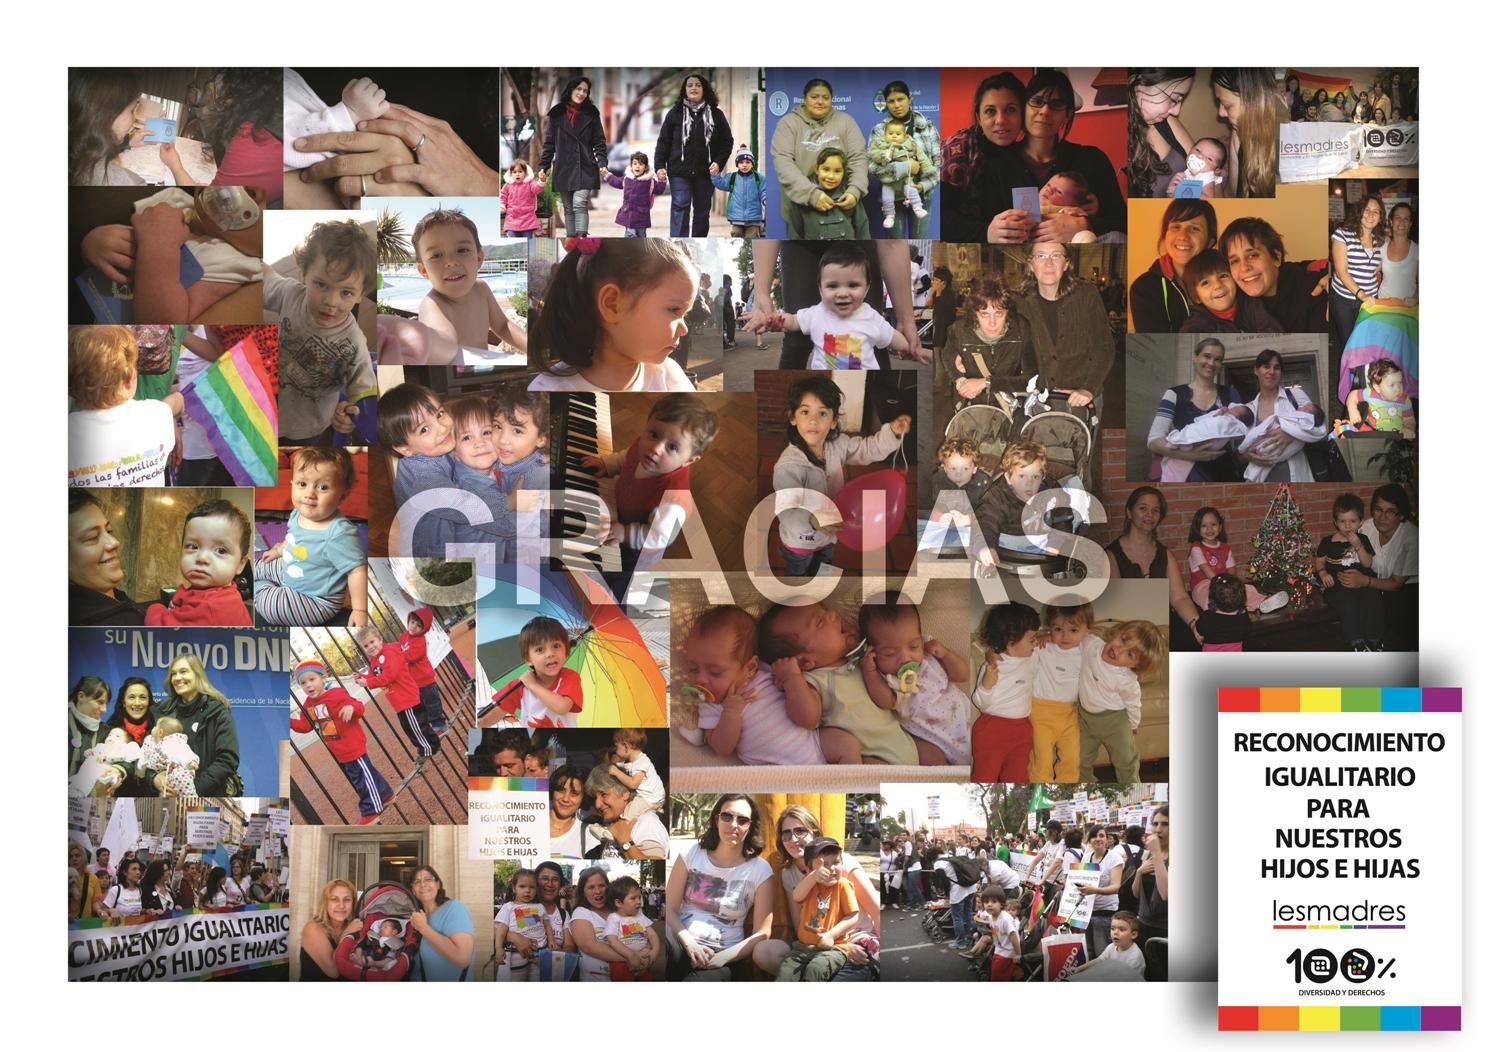 Reconocimiento Igualitario para nuestros hijos e hijas: La ...